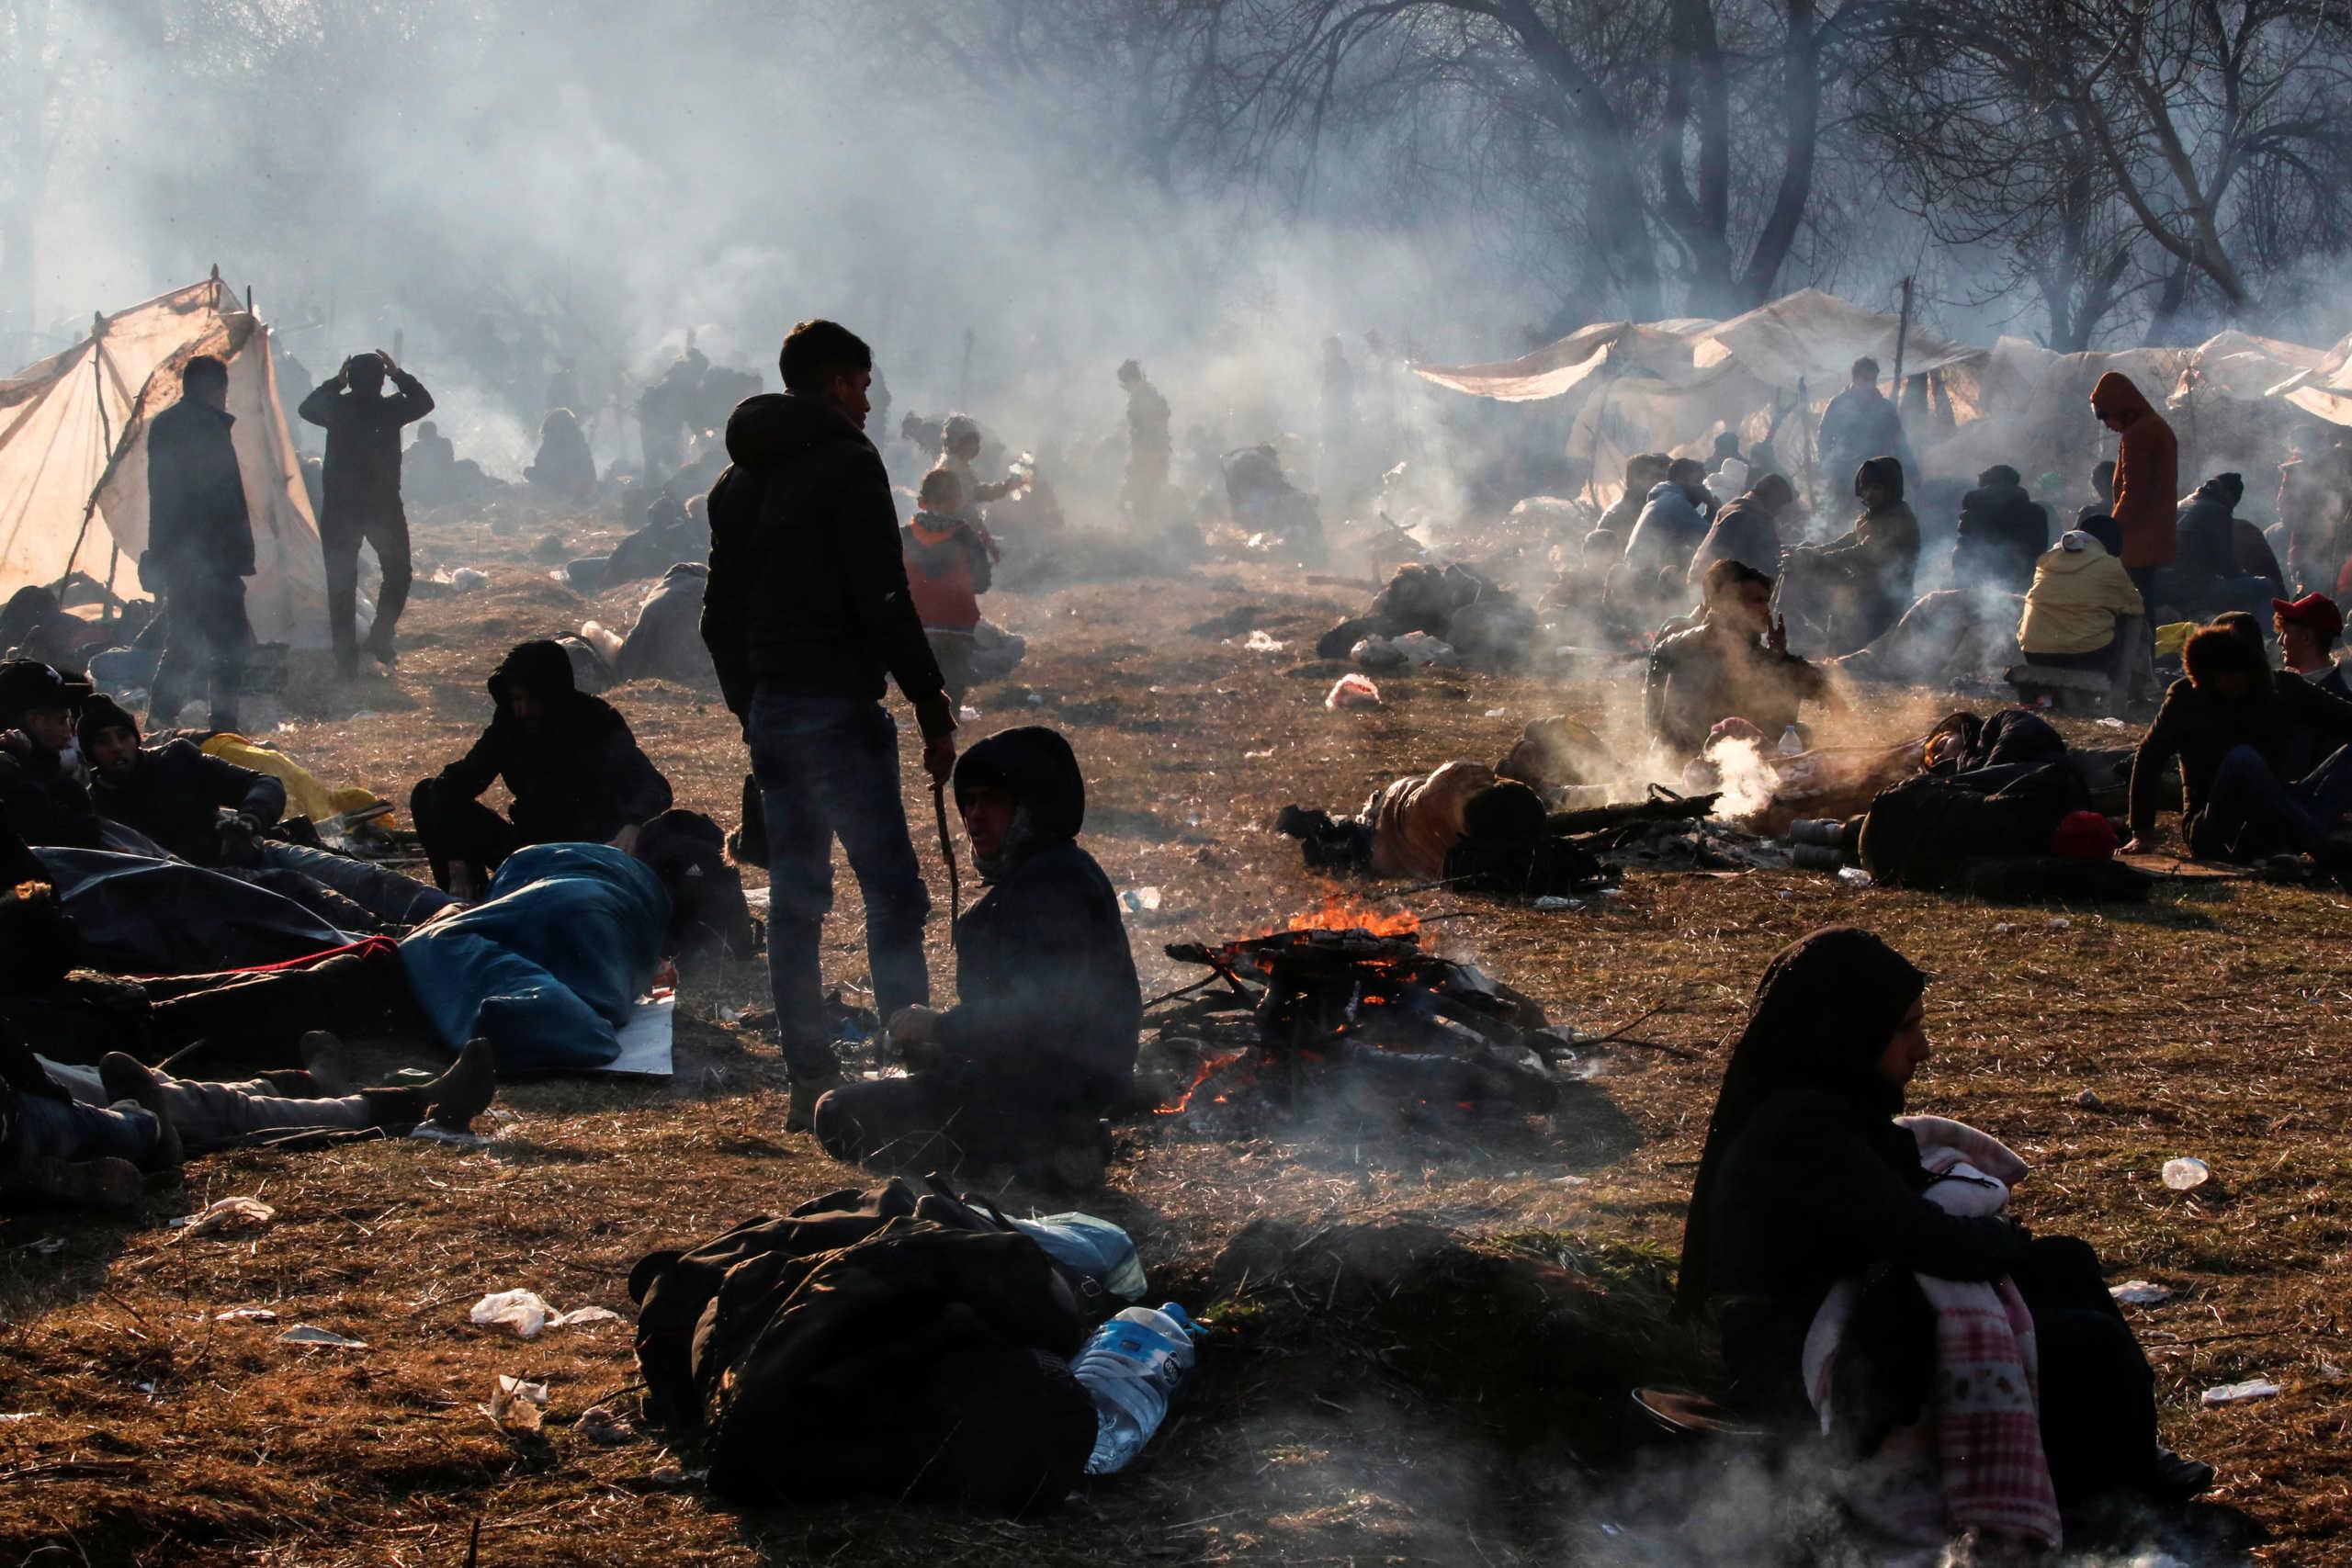 Καστανιές: Δύσκολη νύχτα για χιλιάδες μετανάστες! Σε ετοιμότητα στρατός και ΕΛΑΣ